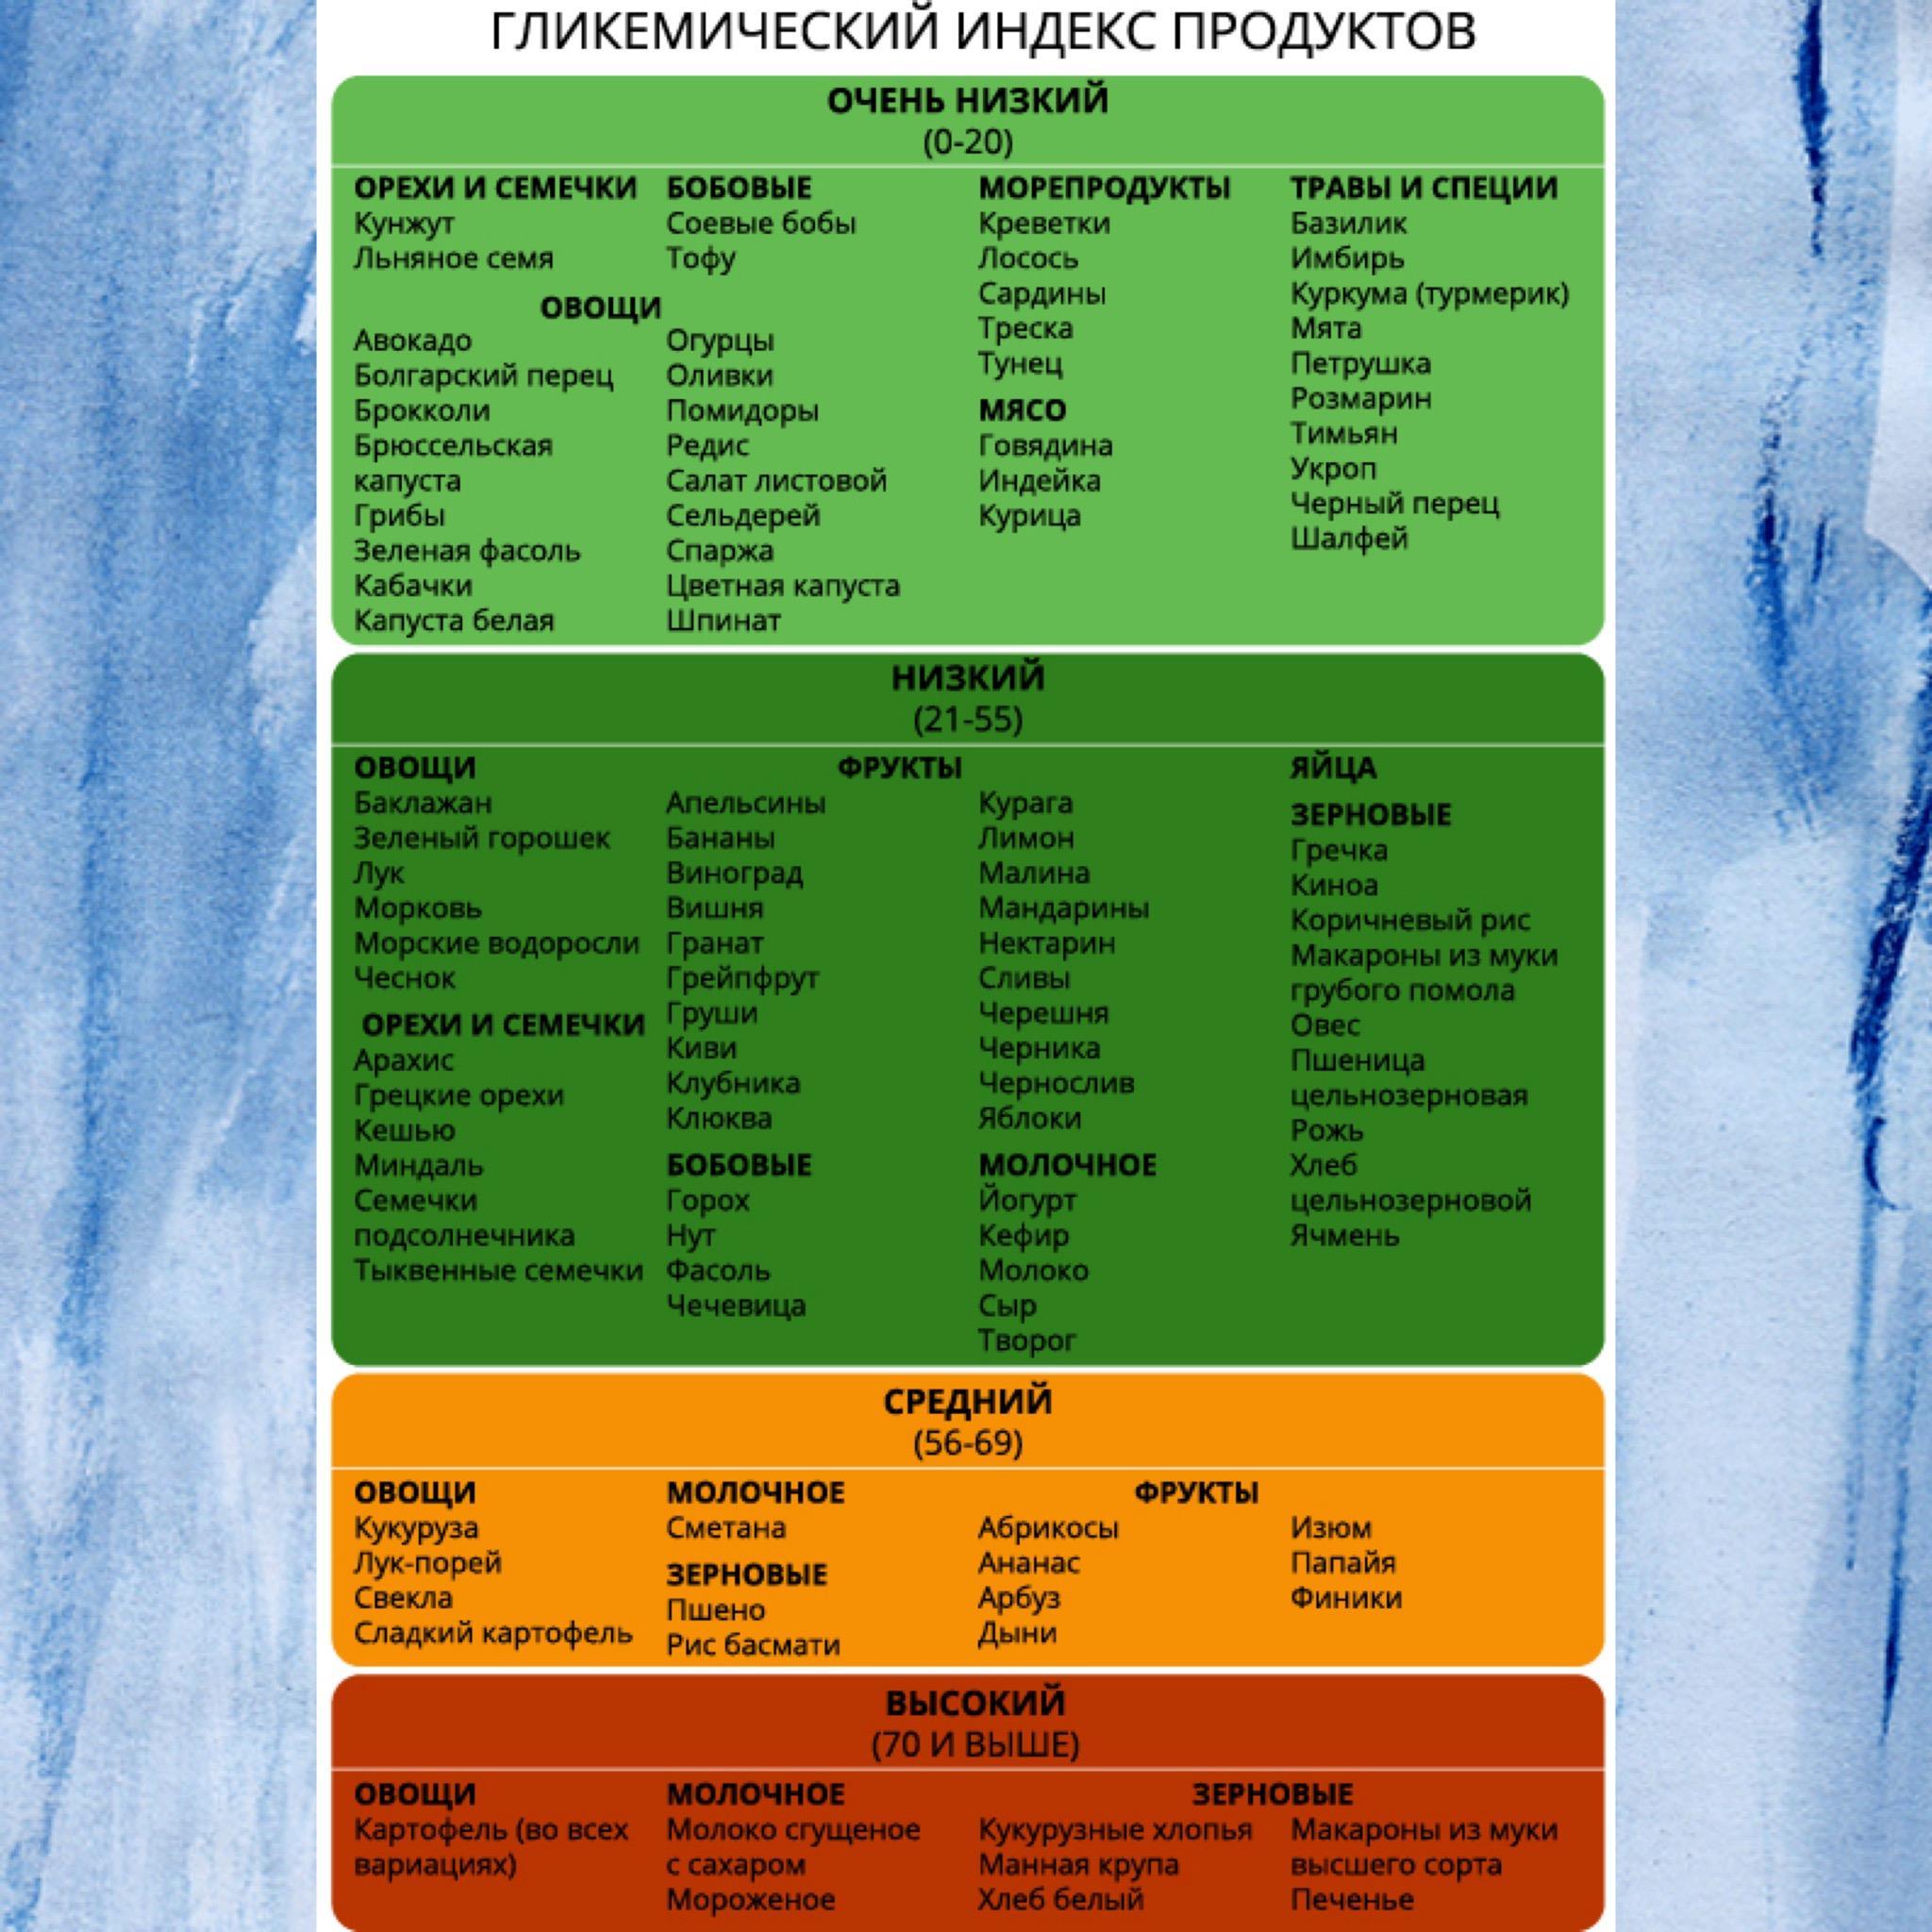 Гликемический индекс ✅ для похудения основные таблицы | women planet